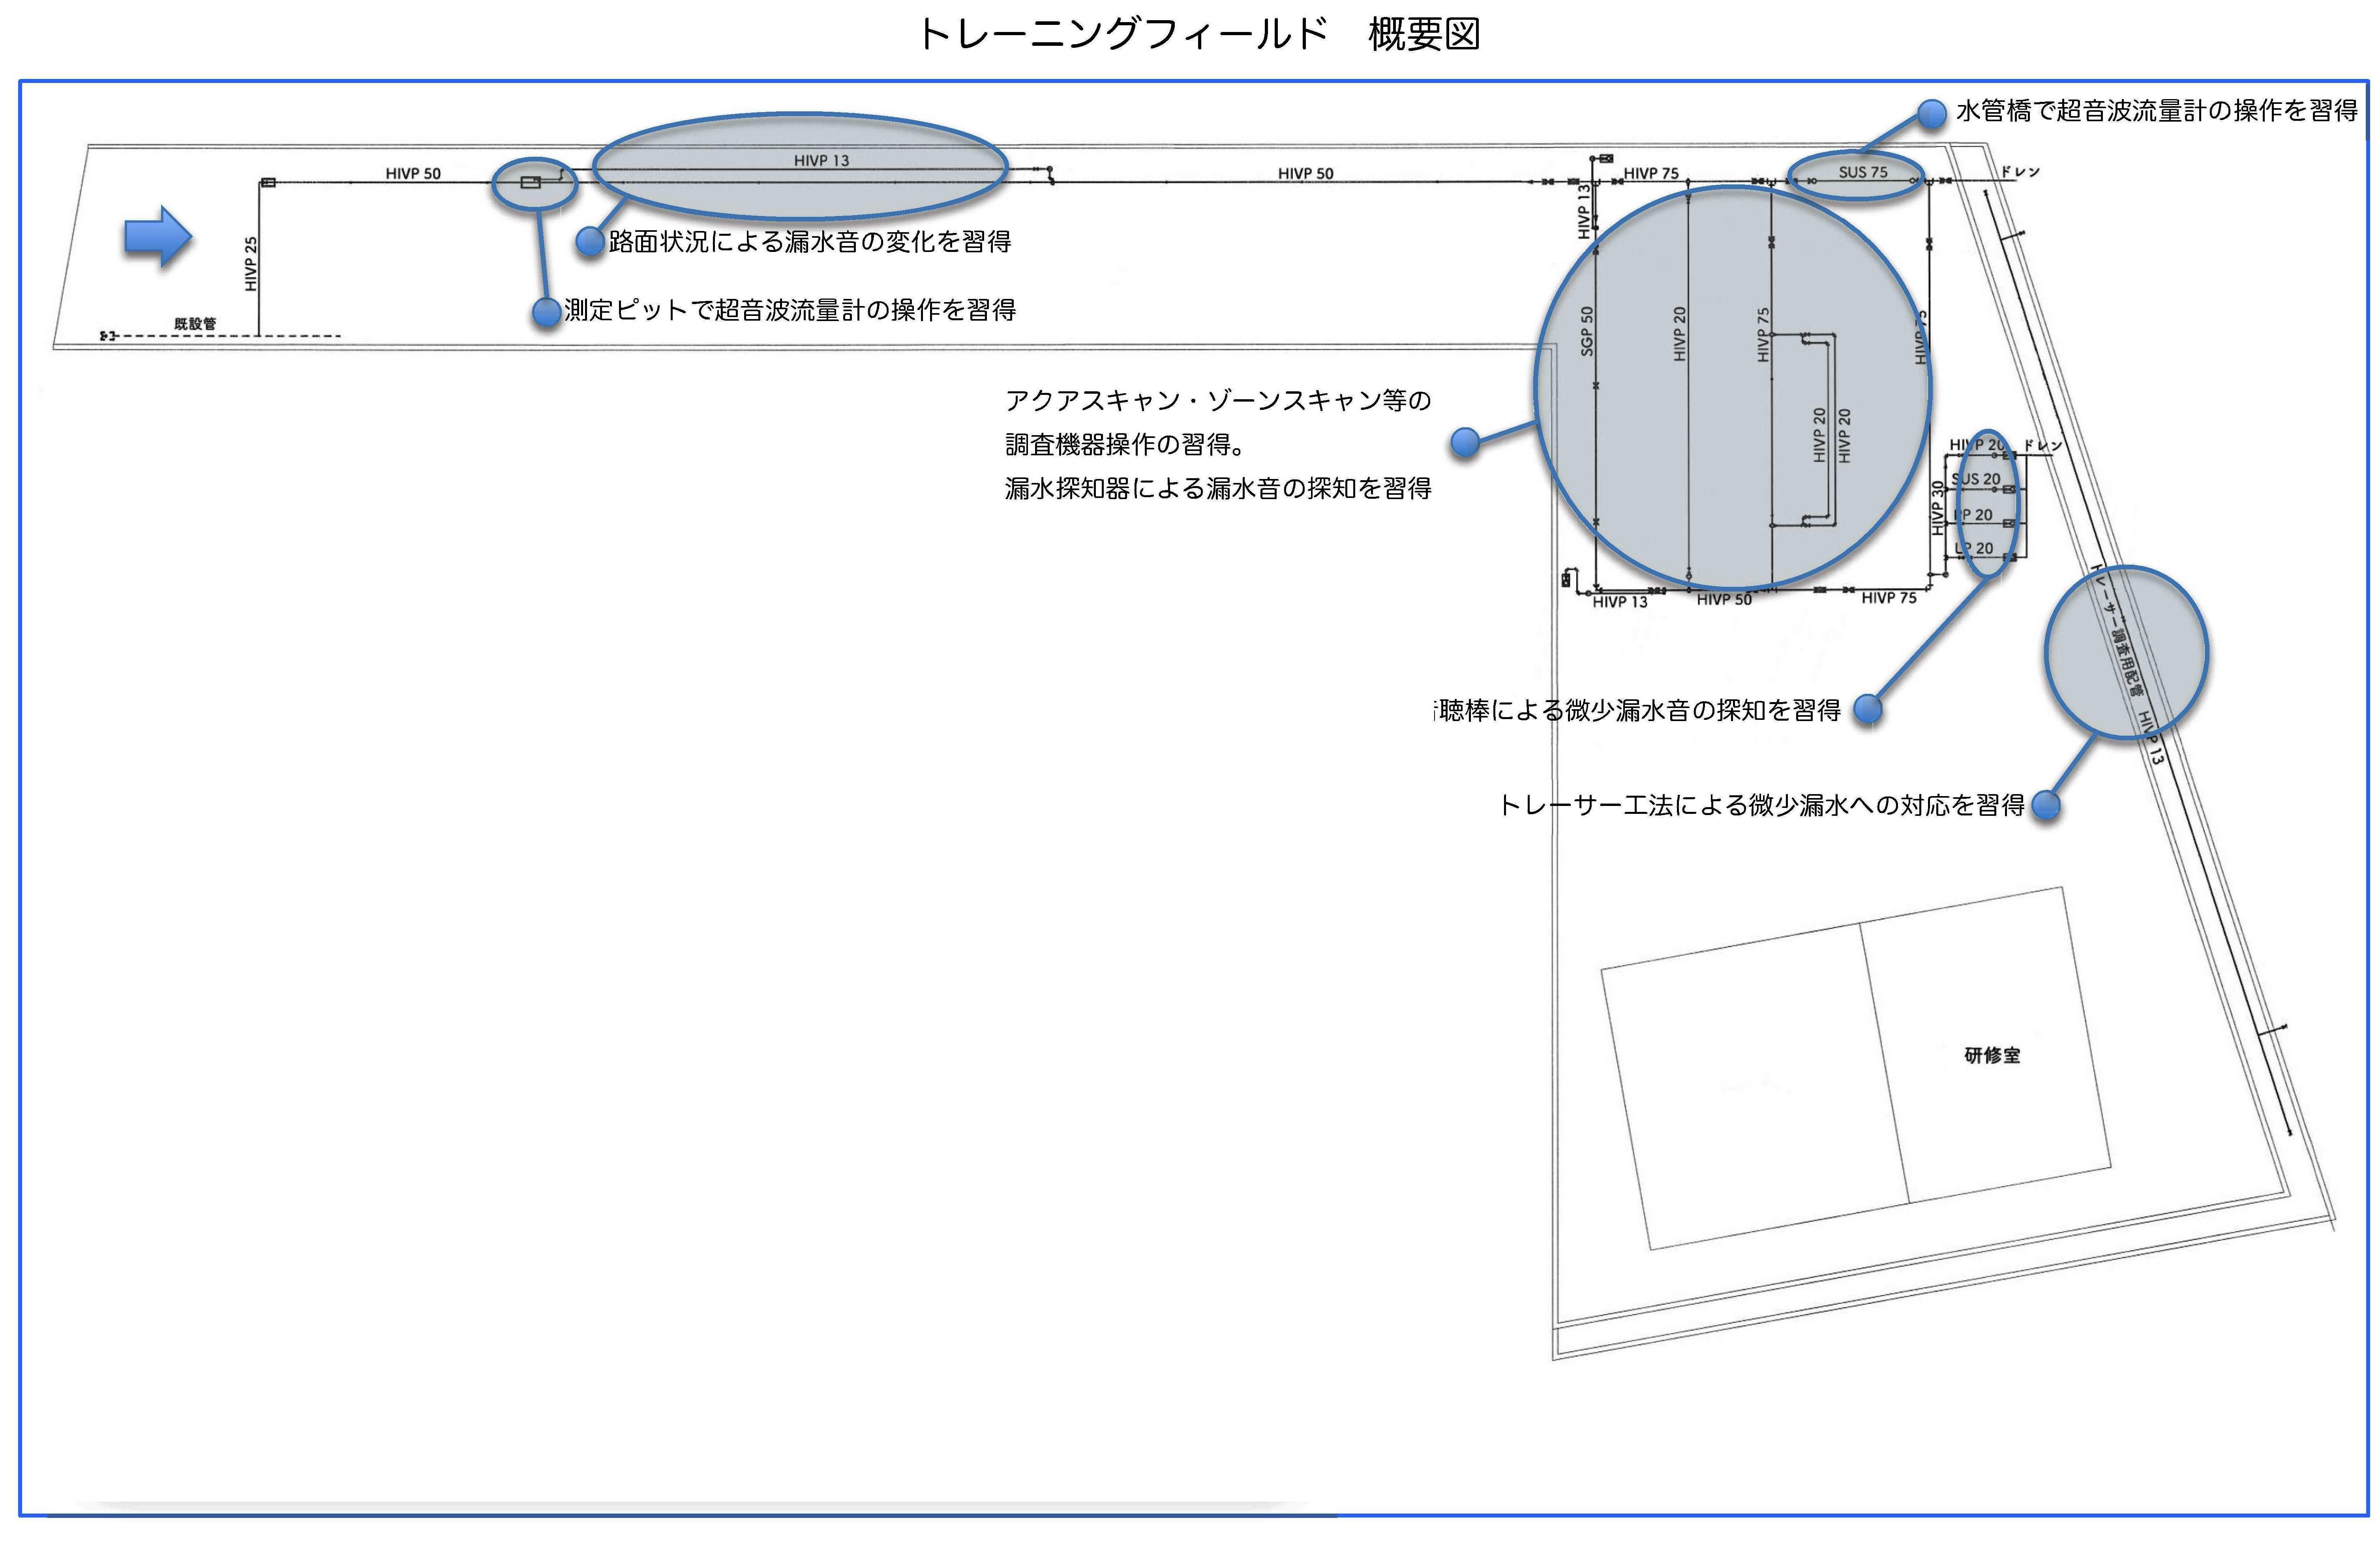 漏水調査技術研修施設 配置図